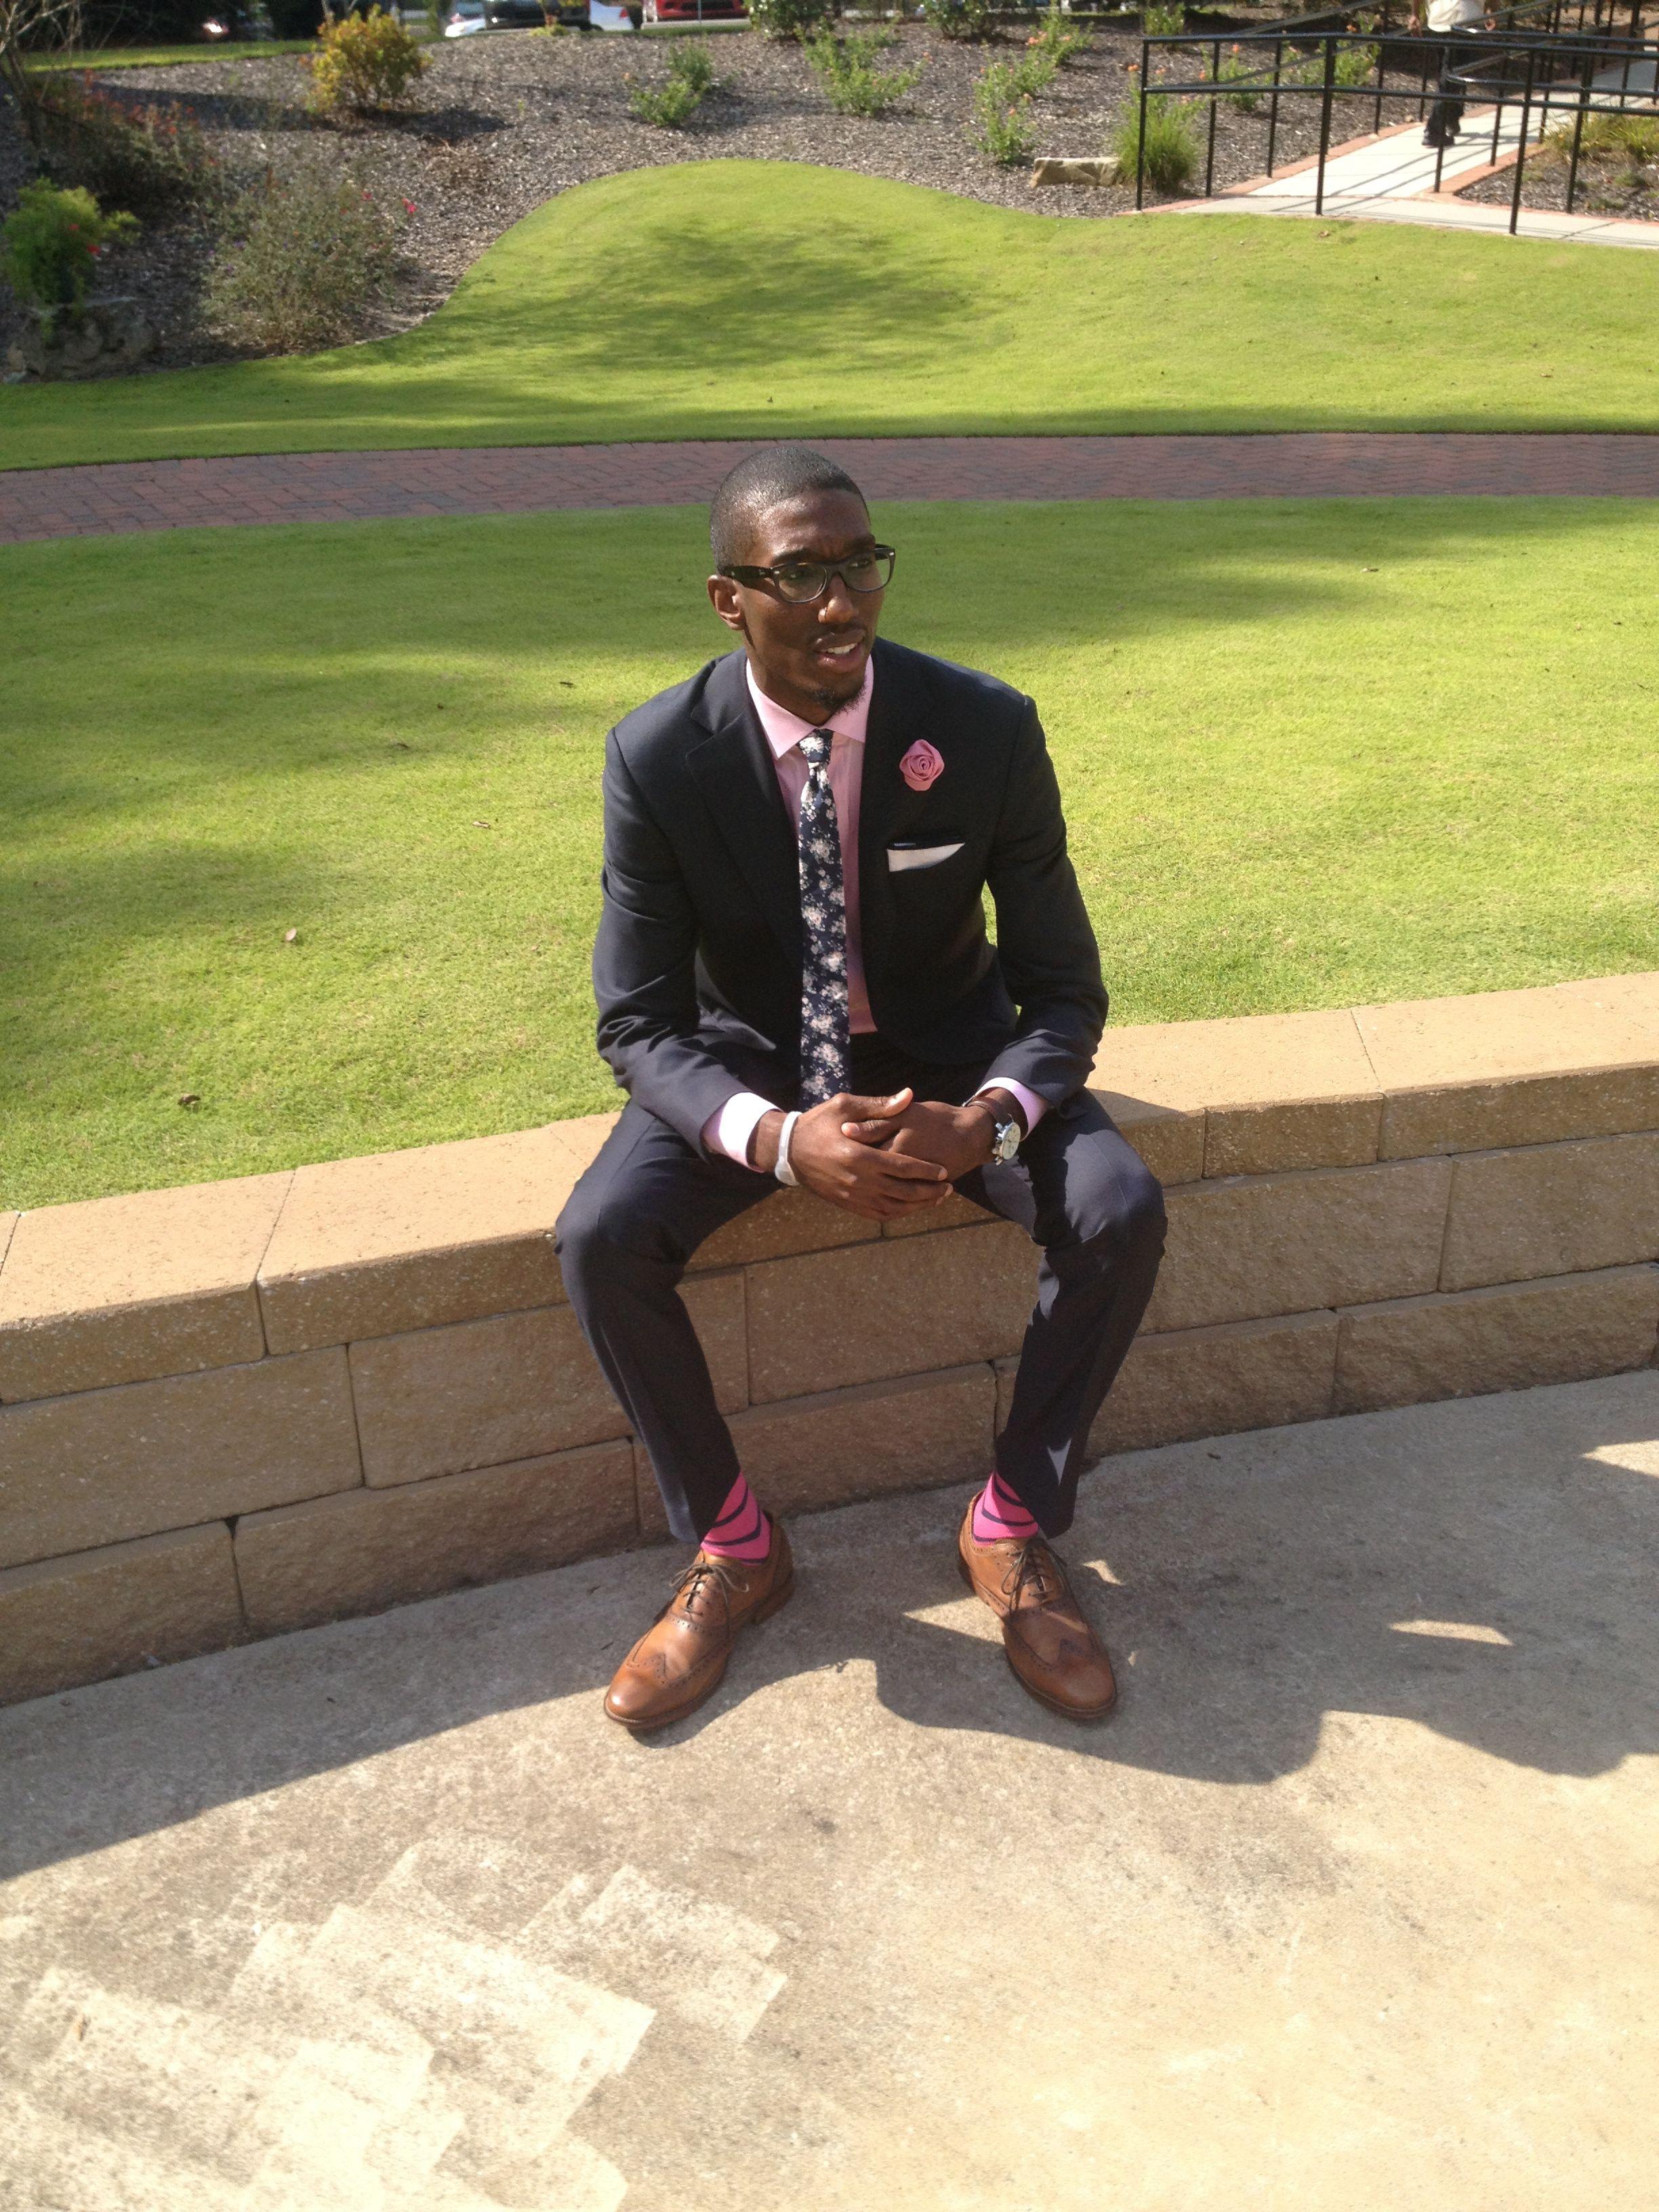 Killer tie and flower lapel combo #suitedman